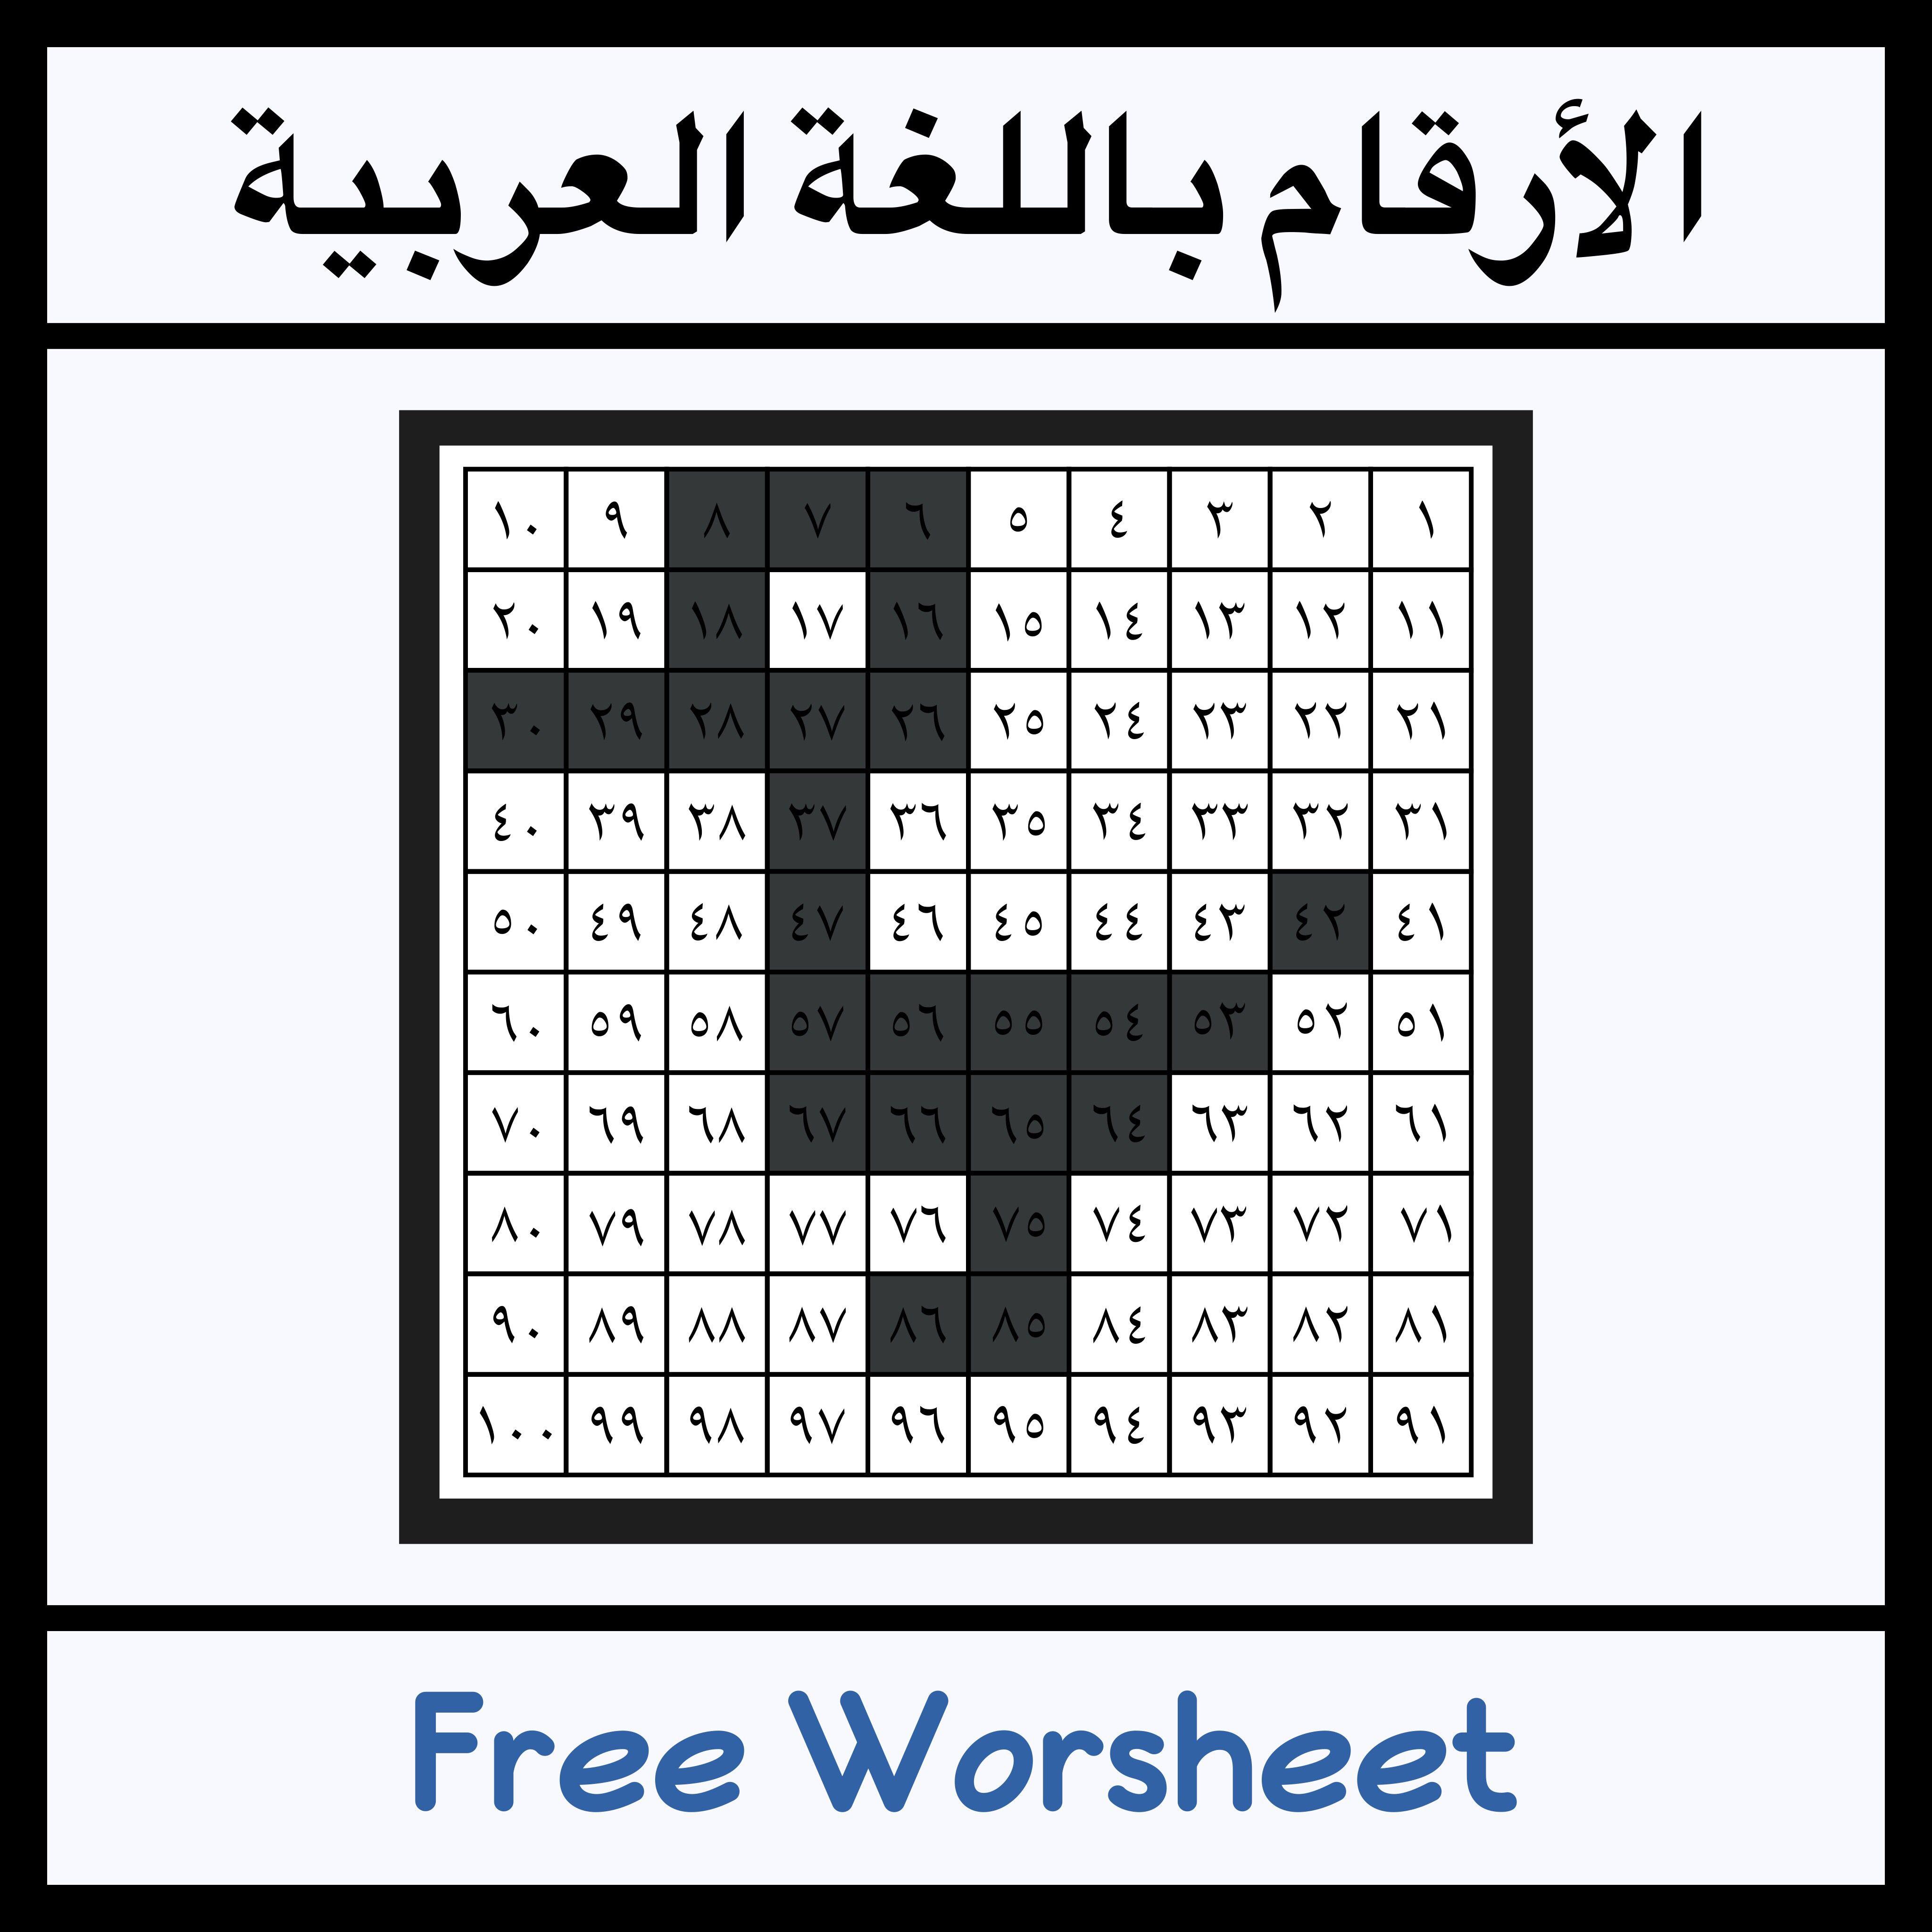 Free Arabic Number Worksheet